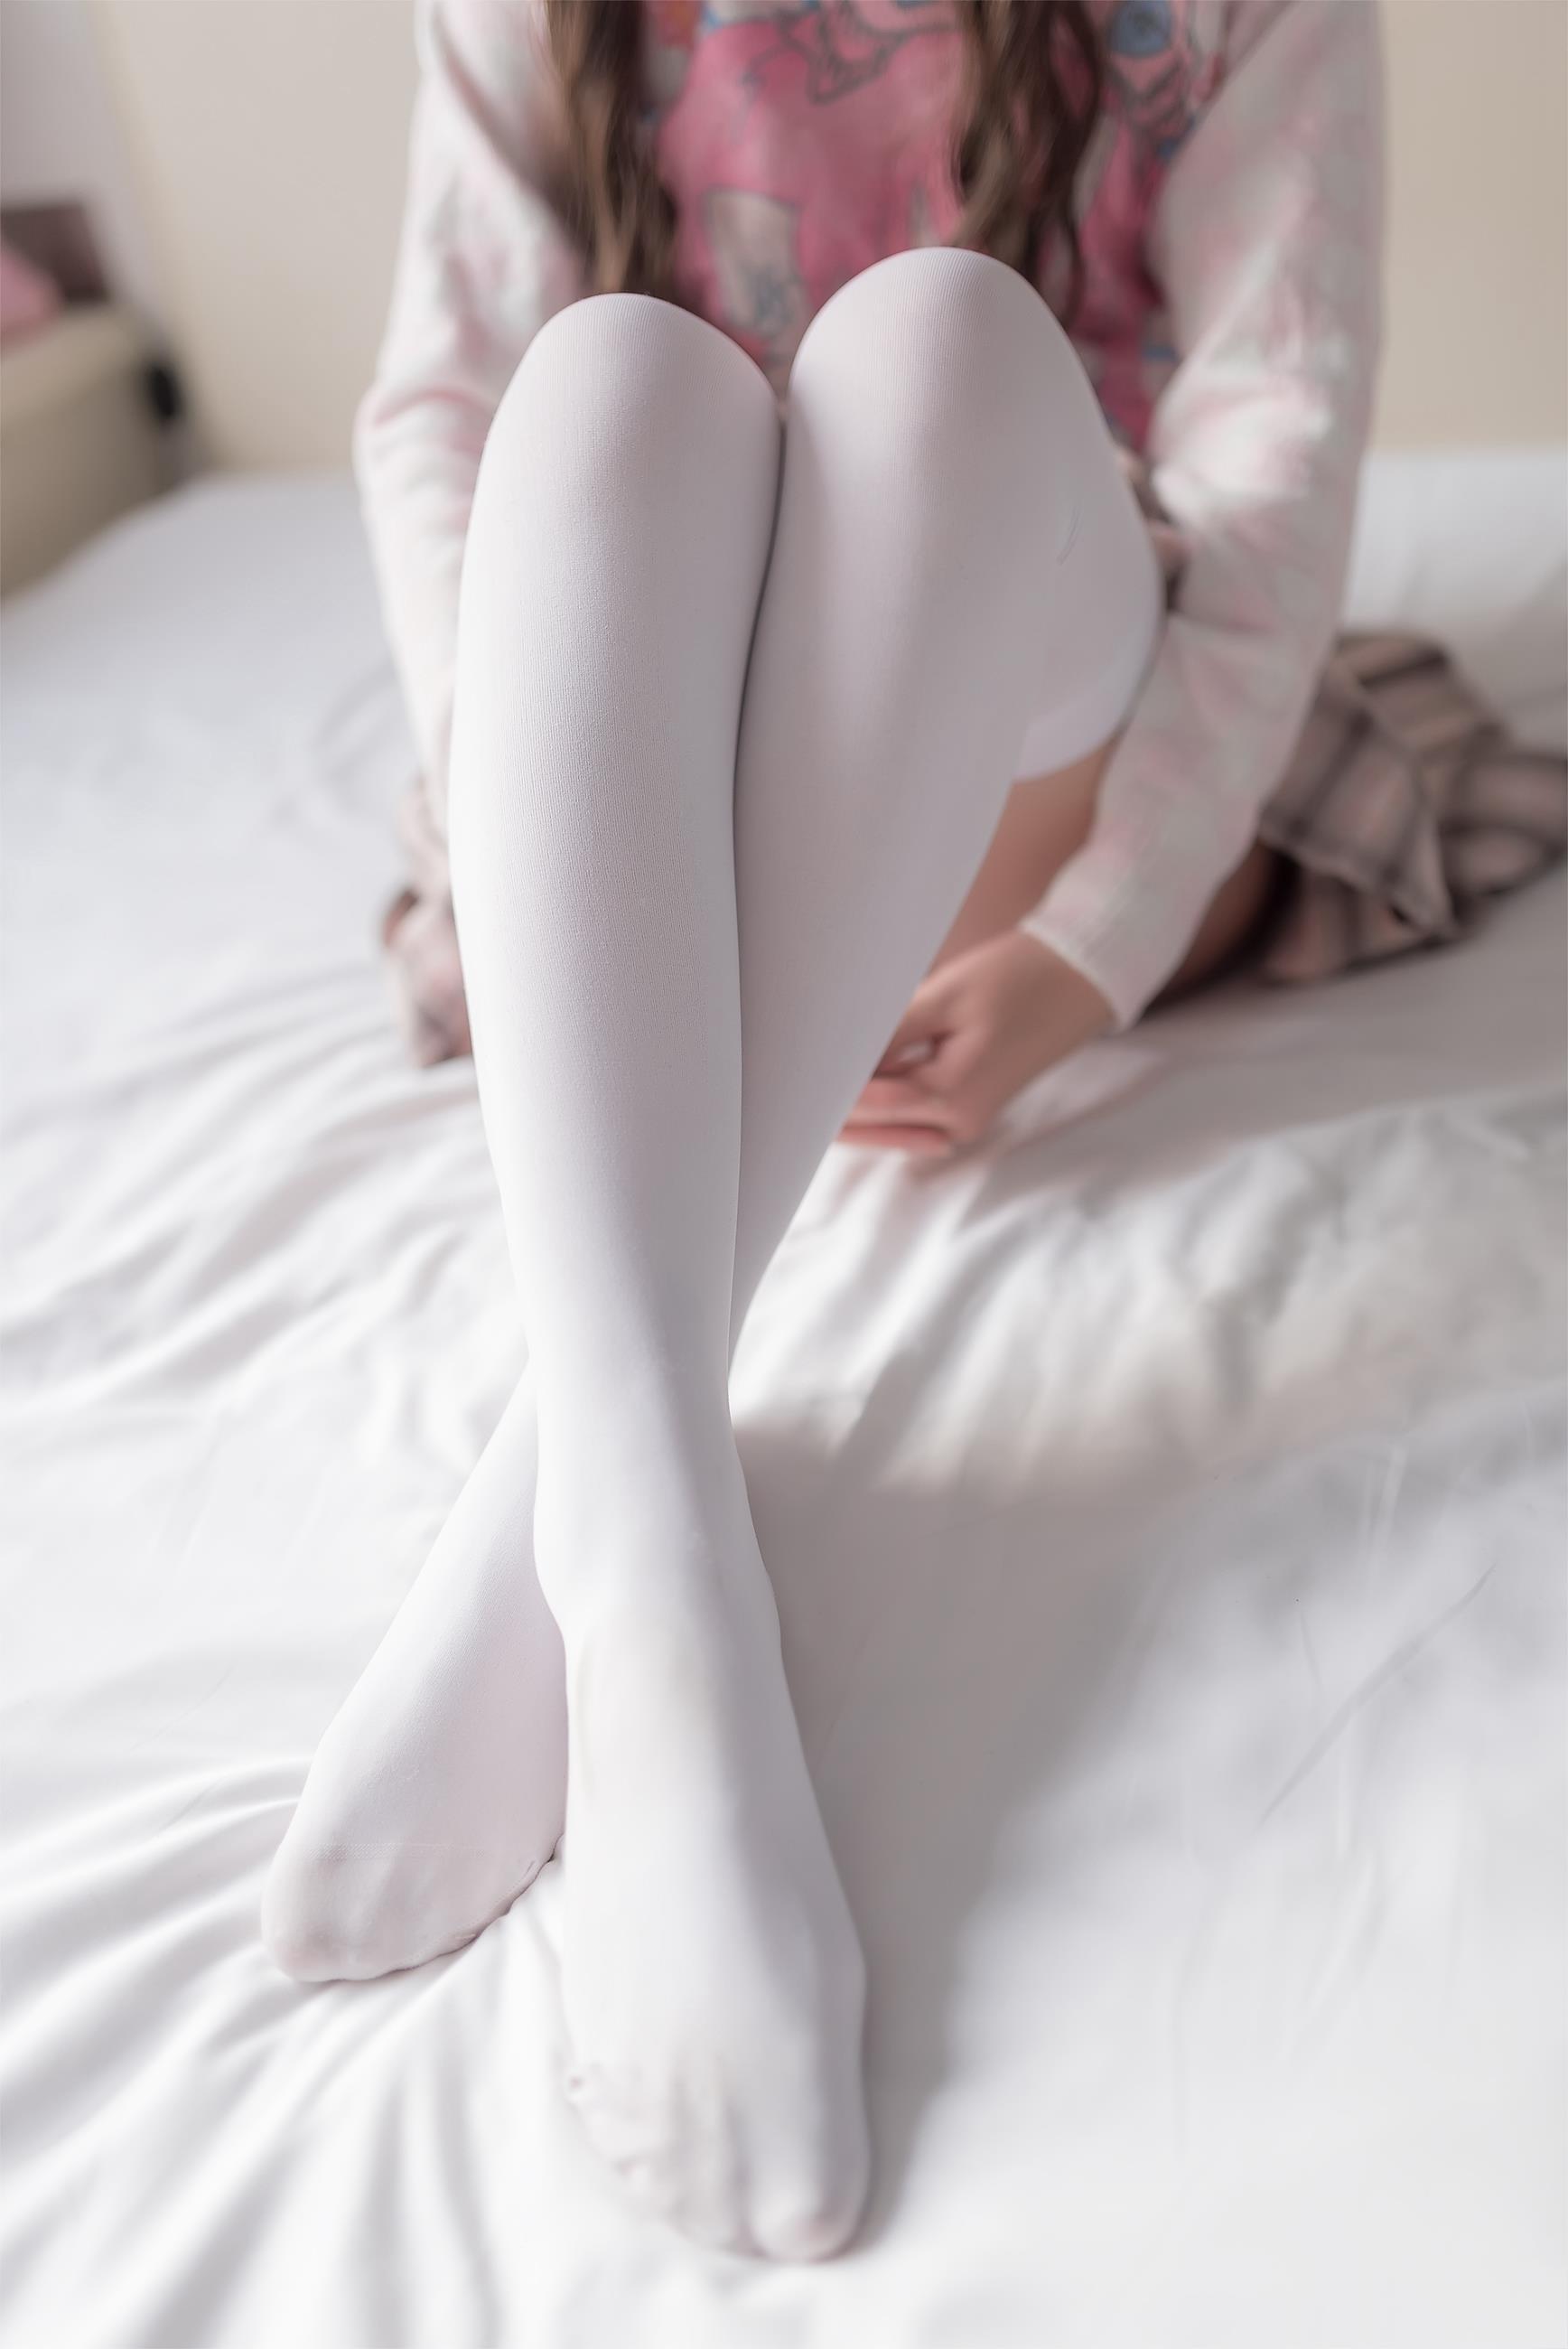 【风之领域0012】震惊 腿控福利 !纯白丝袜的既然可以这样穿?真的是天使级别